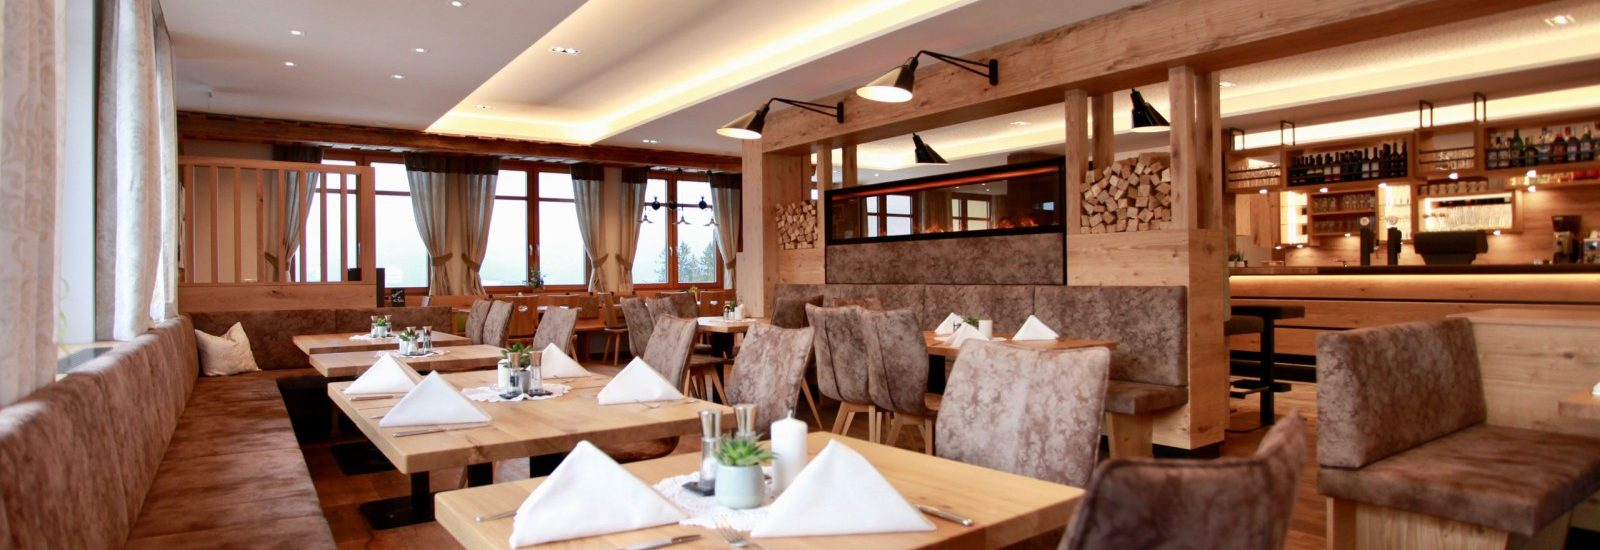 Restaurant Hotel Am Hochsfuchs Eugendorf, ehemalig Dachsteinblick